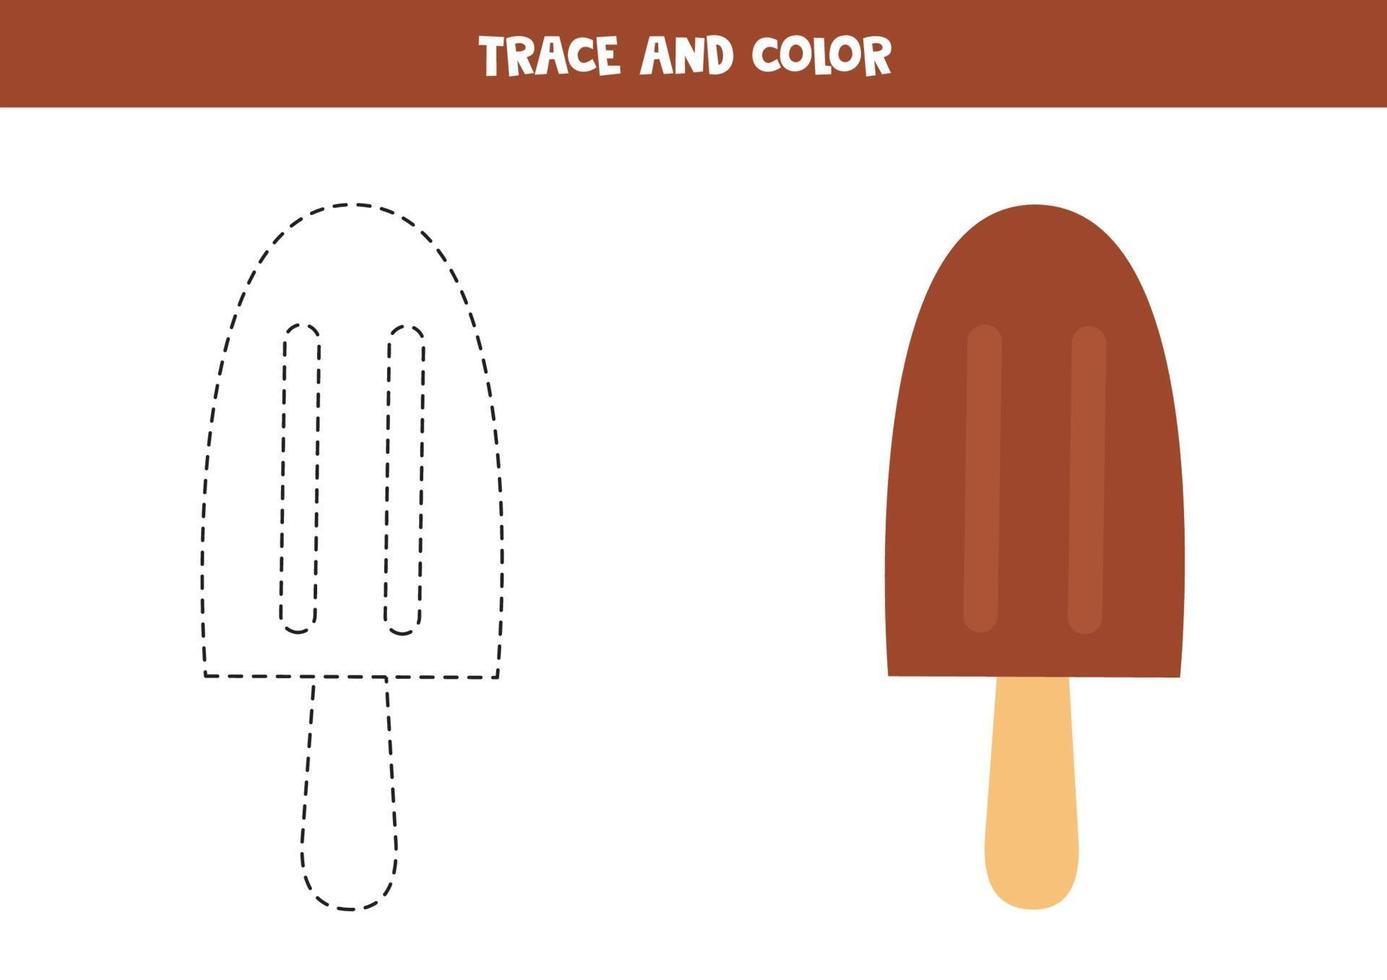 Schokoladeneis nachzeichnen und färben. Raumarbeitsblatt für Kinder. vektor